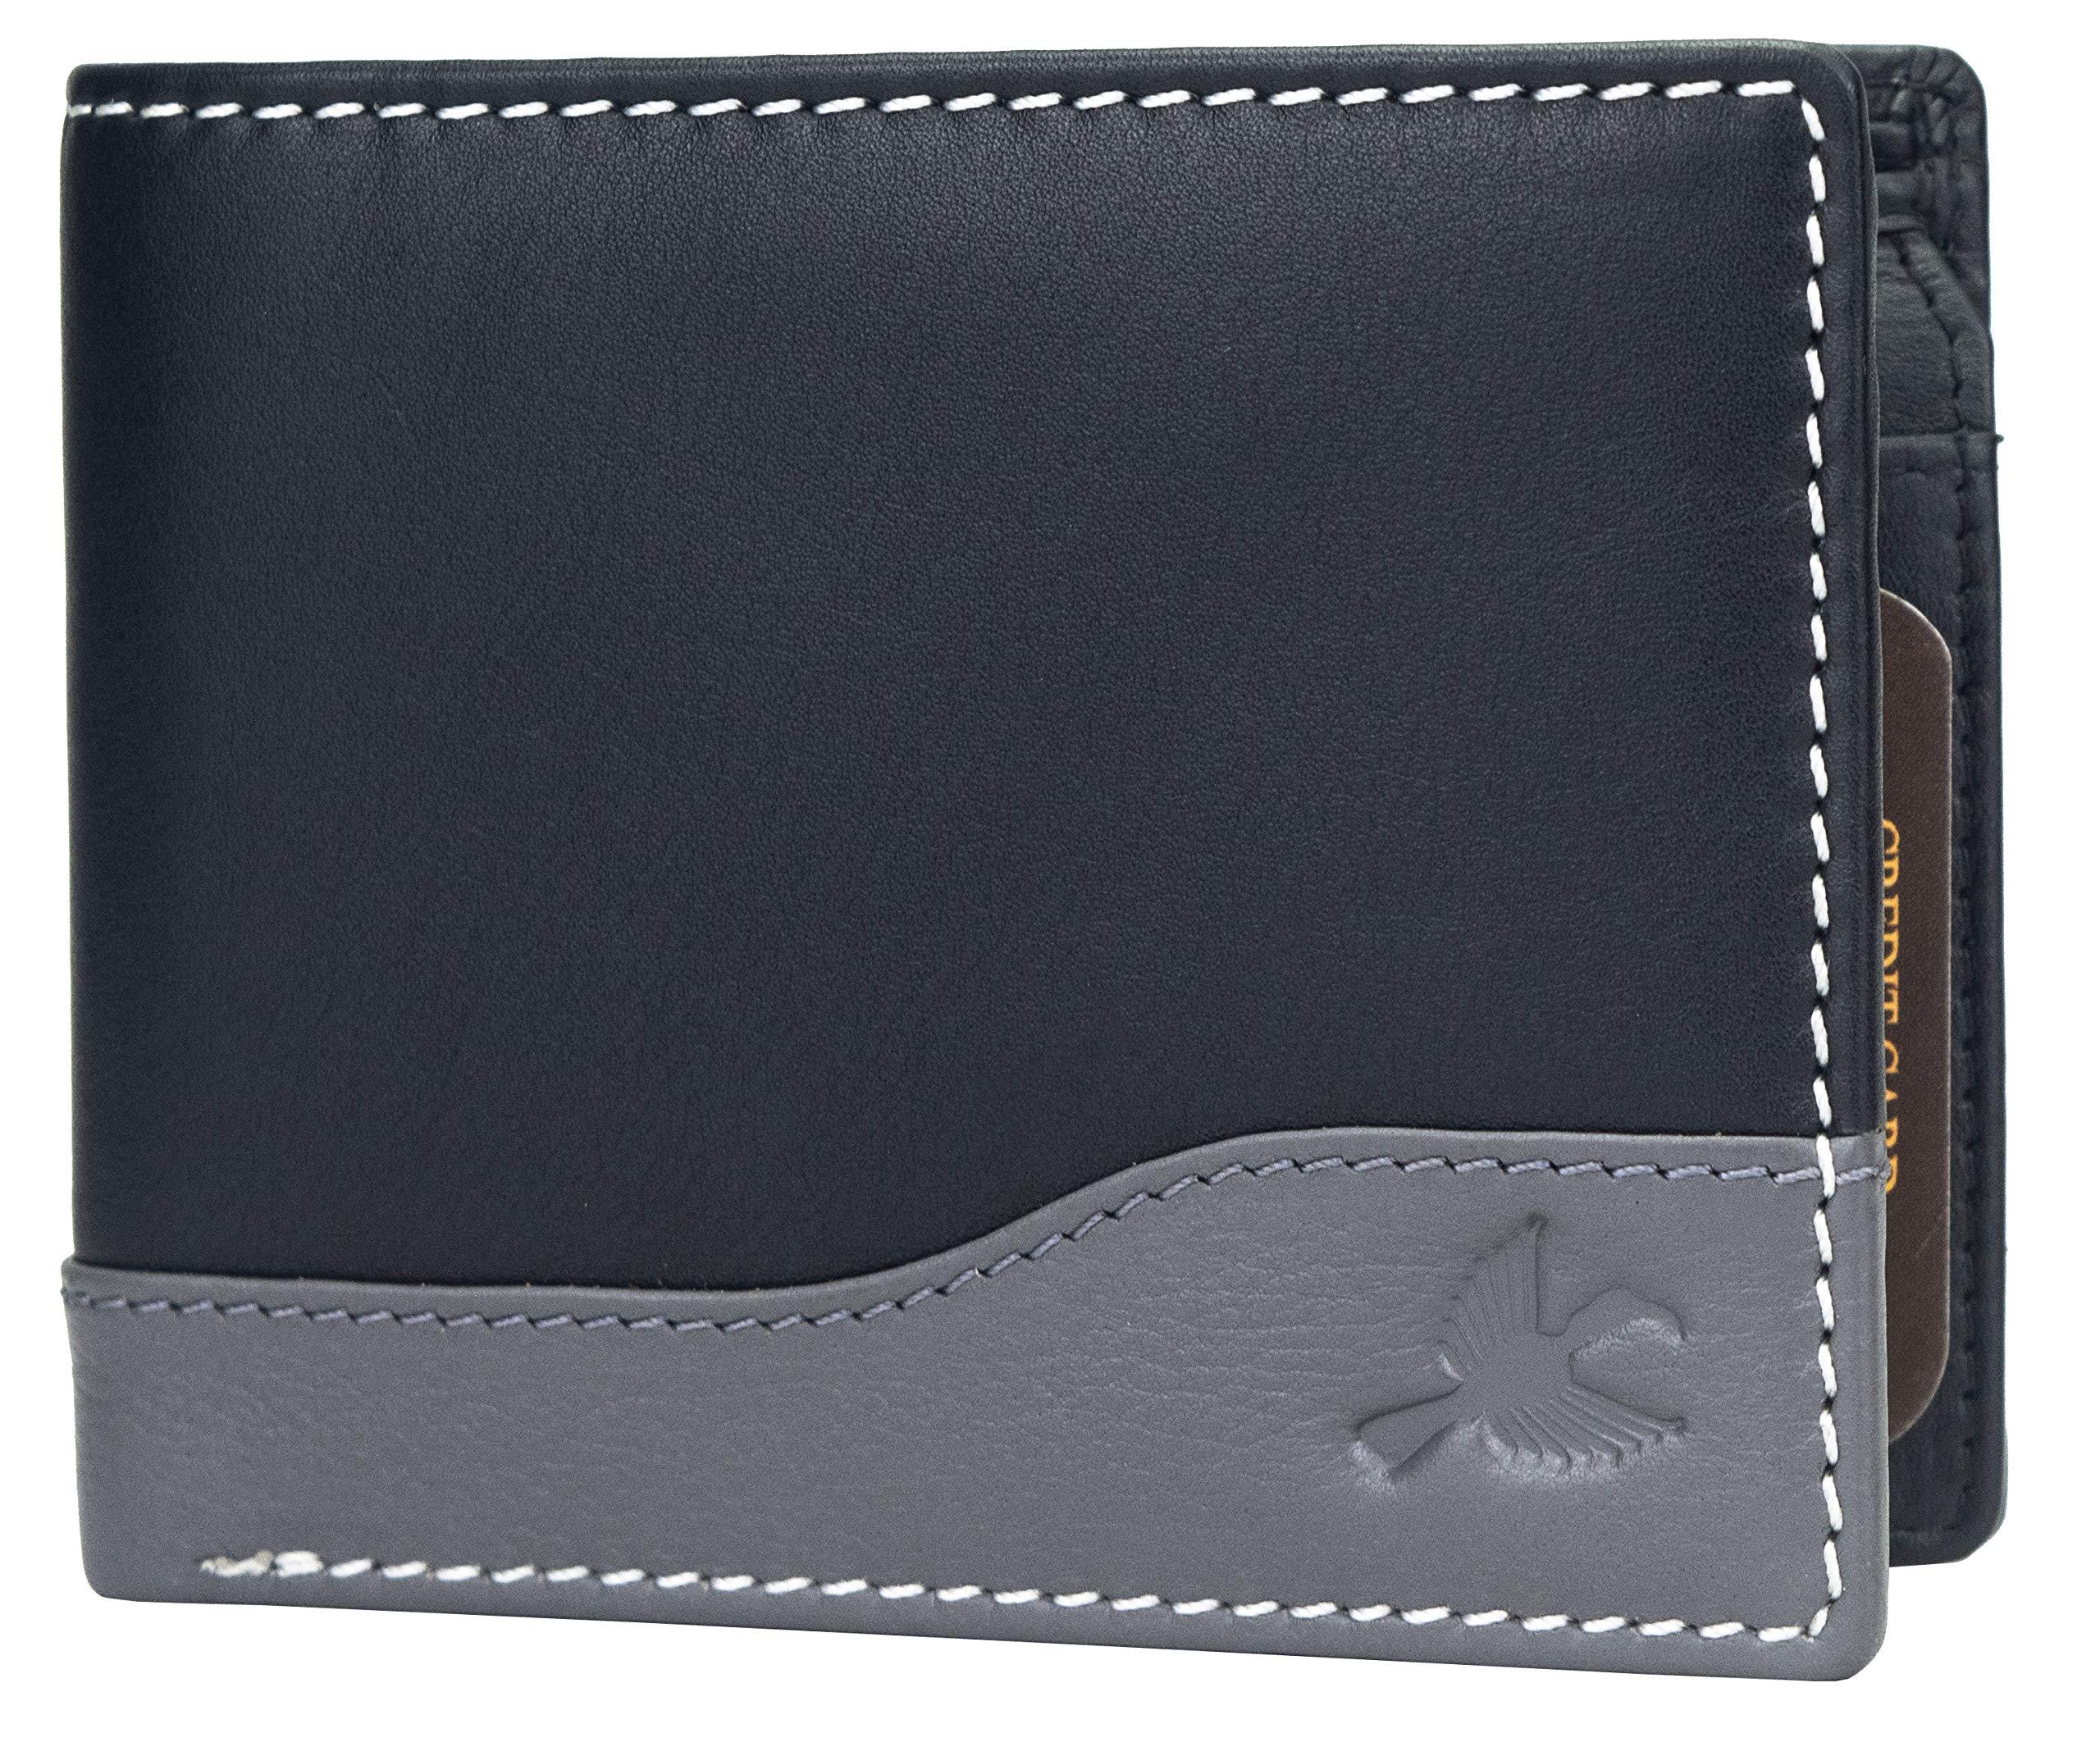 Hornbull Buttler Men's Genuine Leather RFID Blocking Wallet